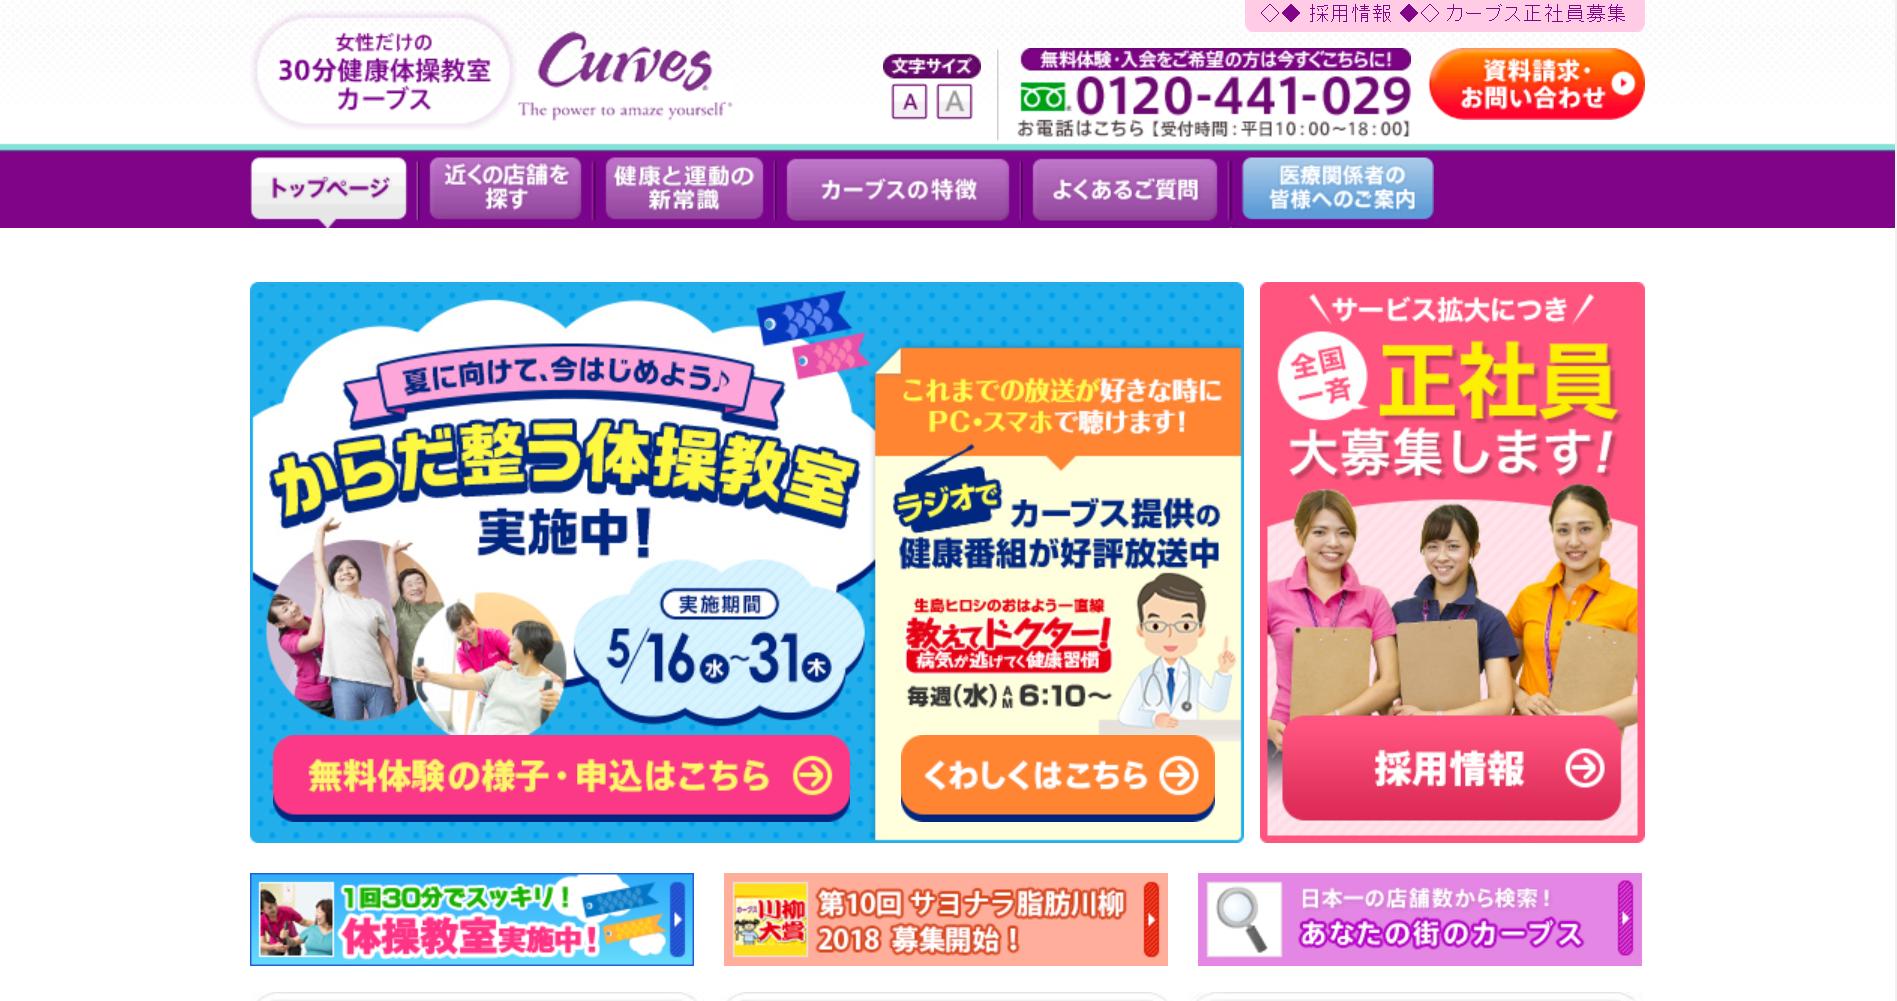 カーブスジャパンの評判・口コミ